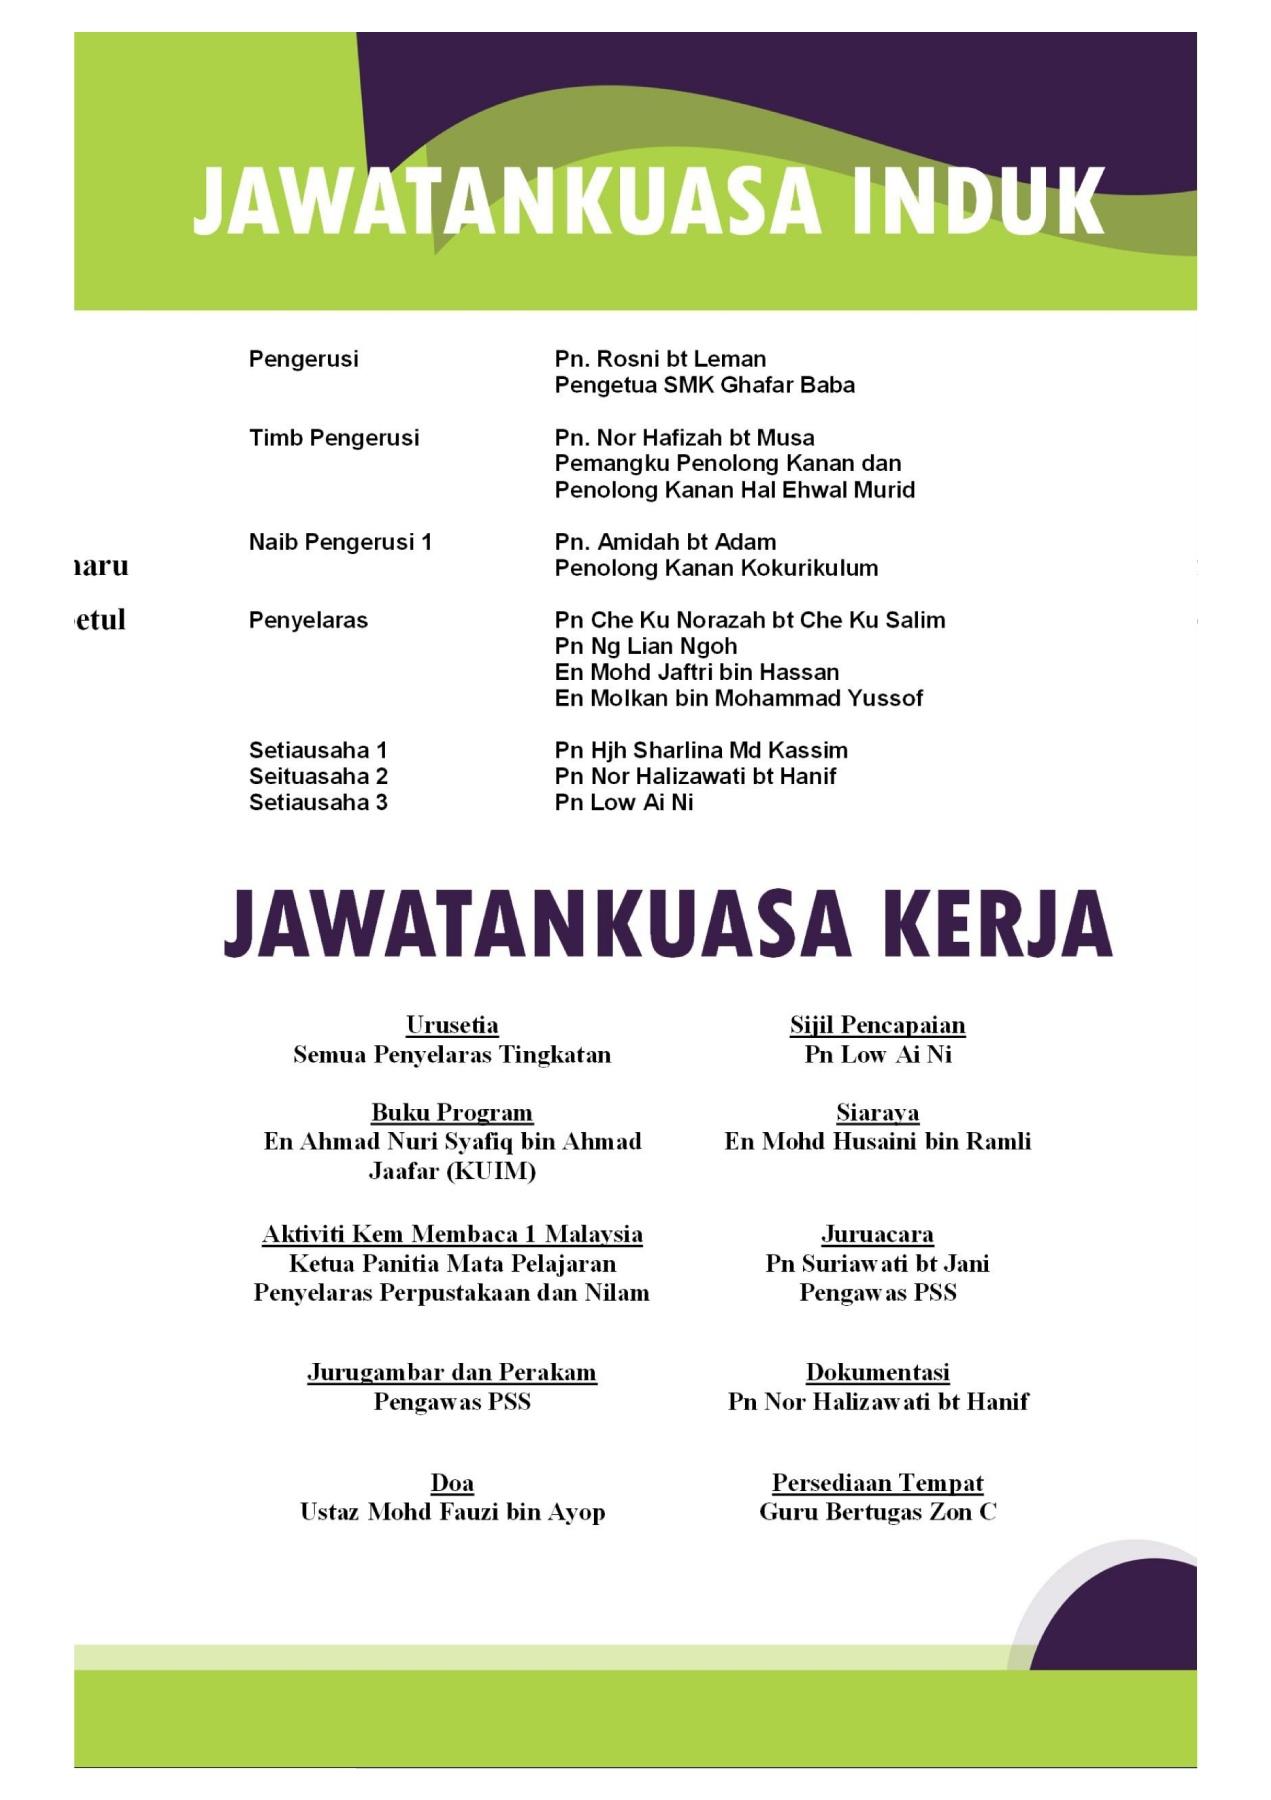 Majlis Penutupan Kem Membaca 1 Malaysia Anyflip